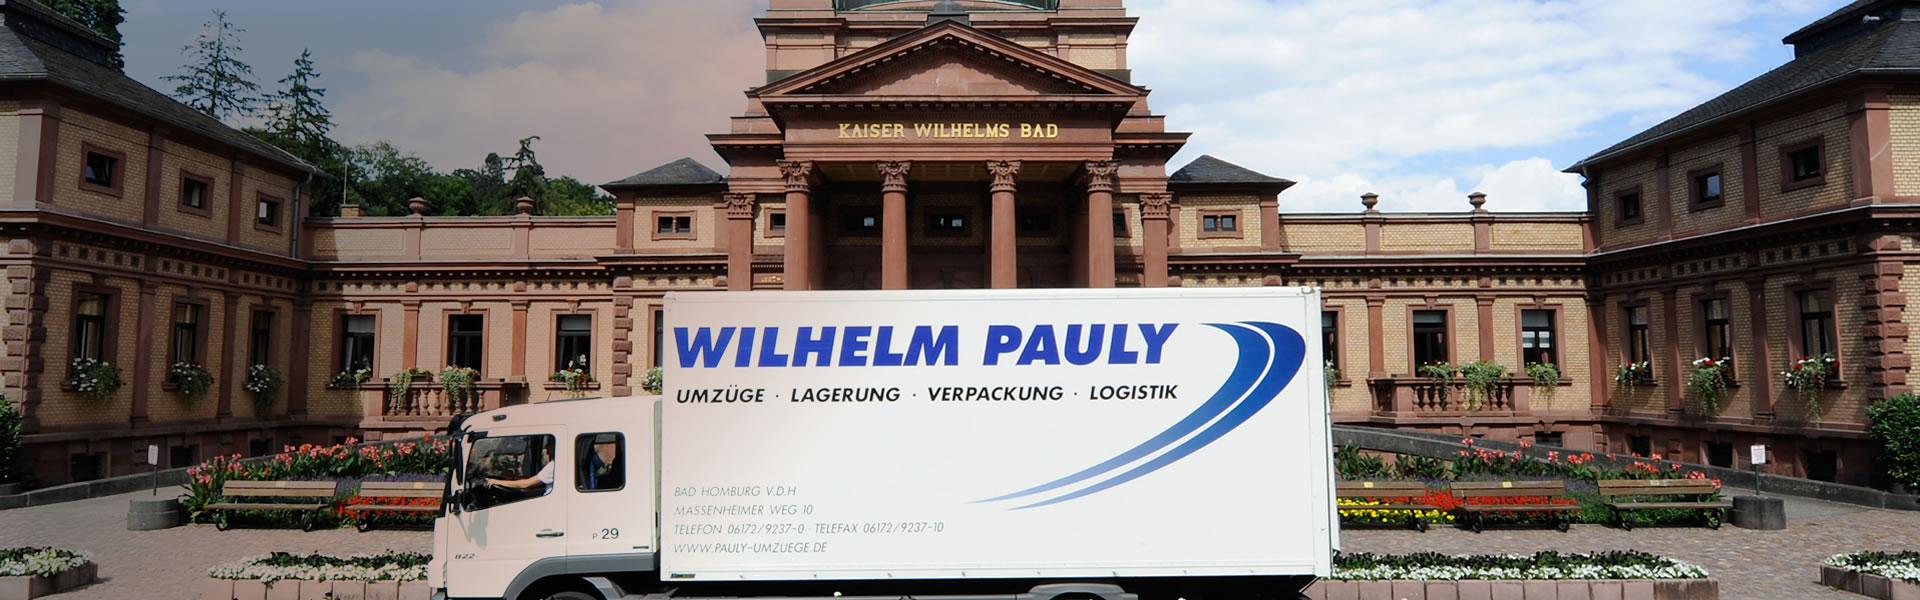 Wilhelm Pauly Umzug - Bad Homburg